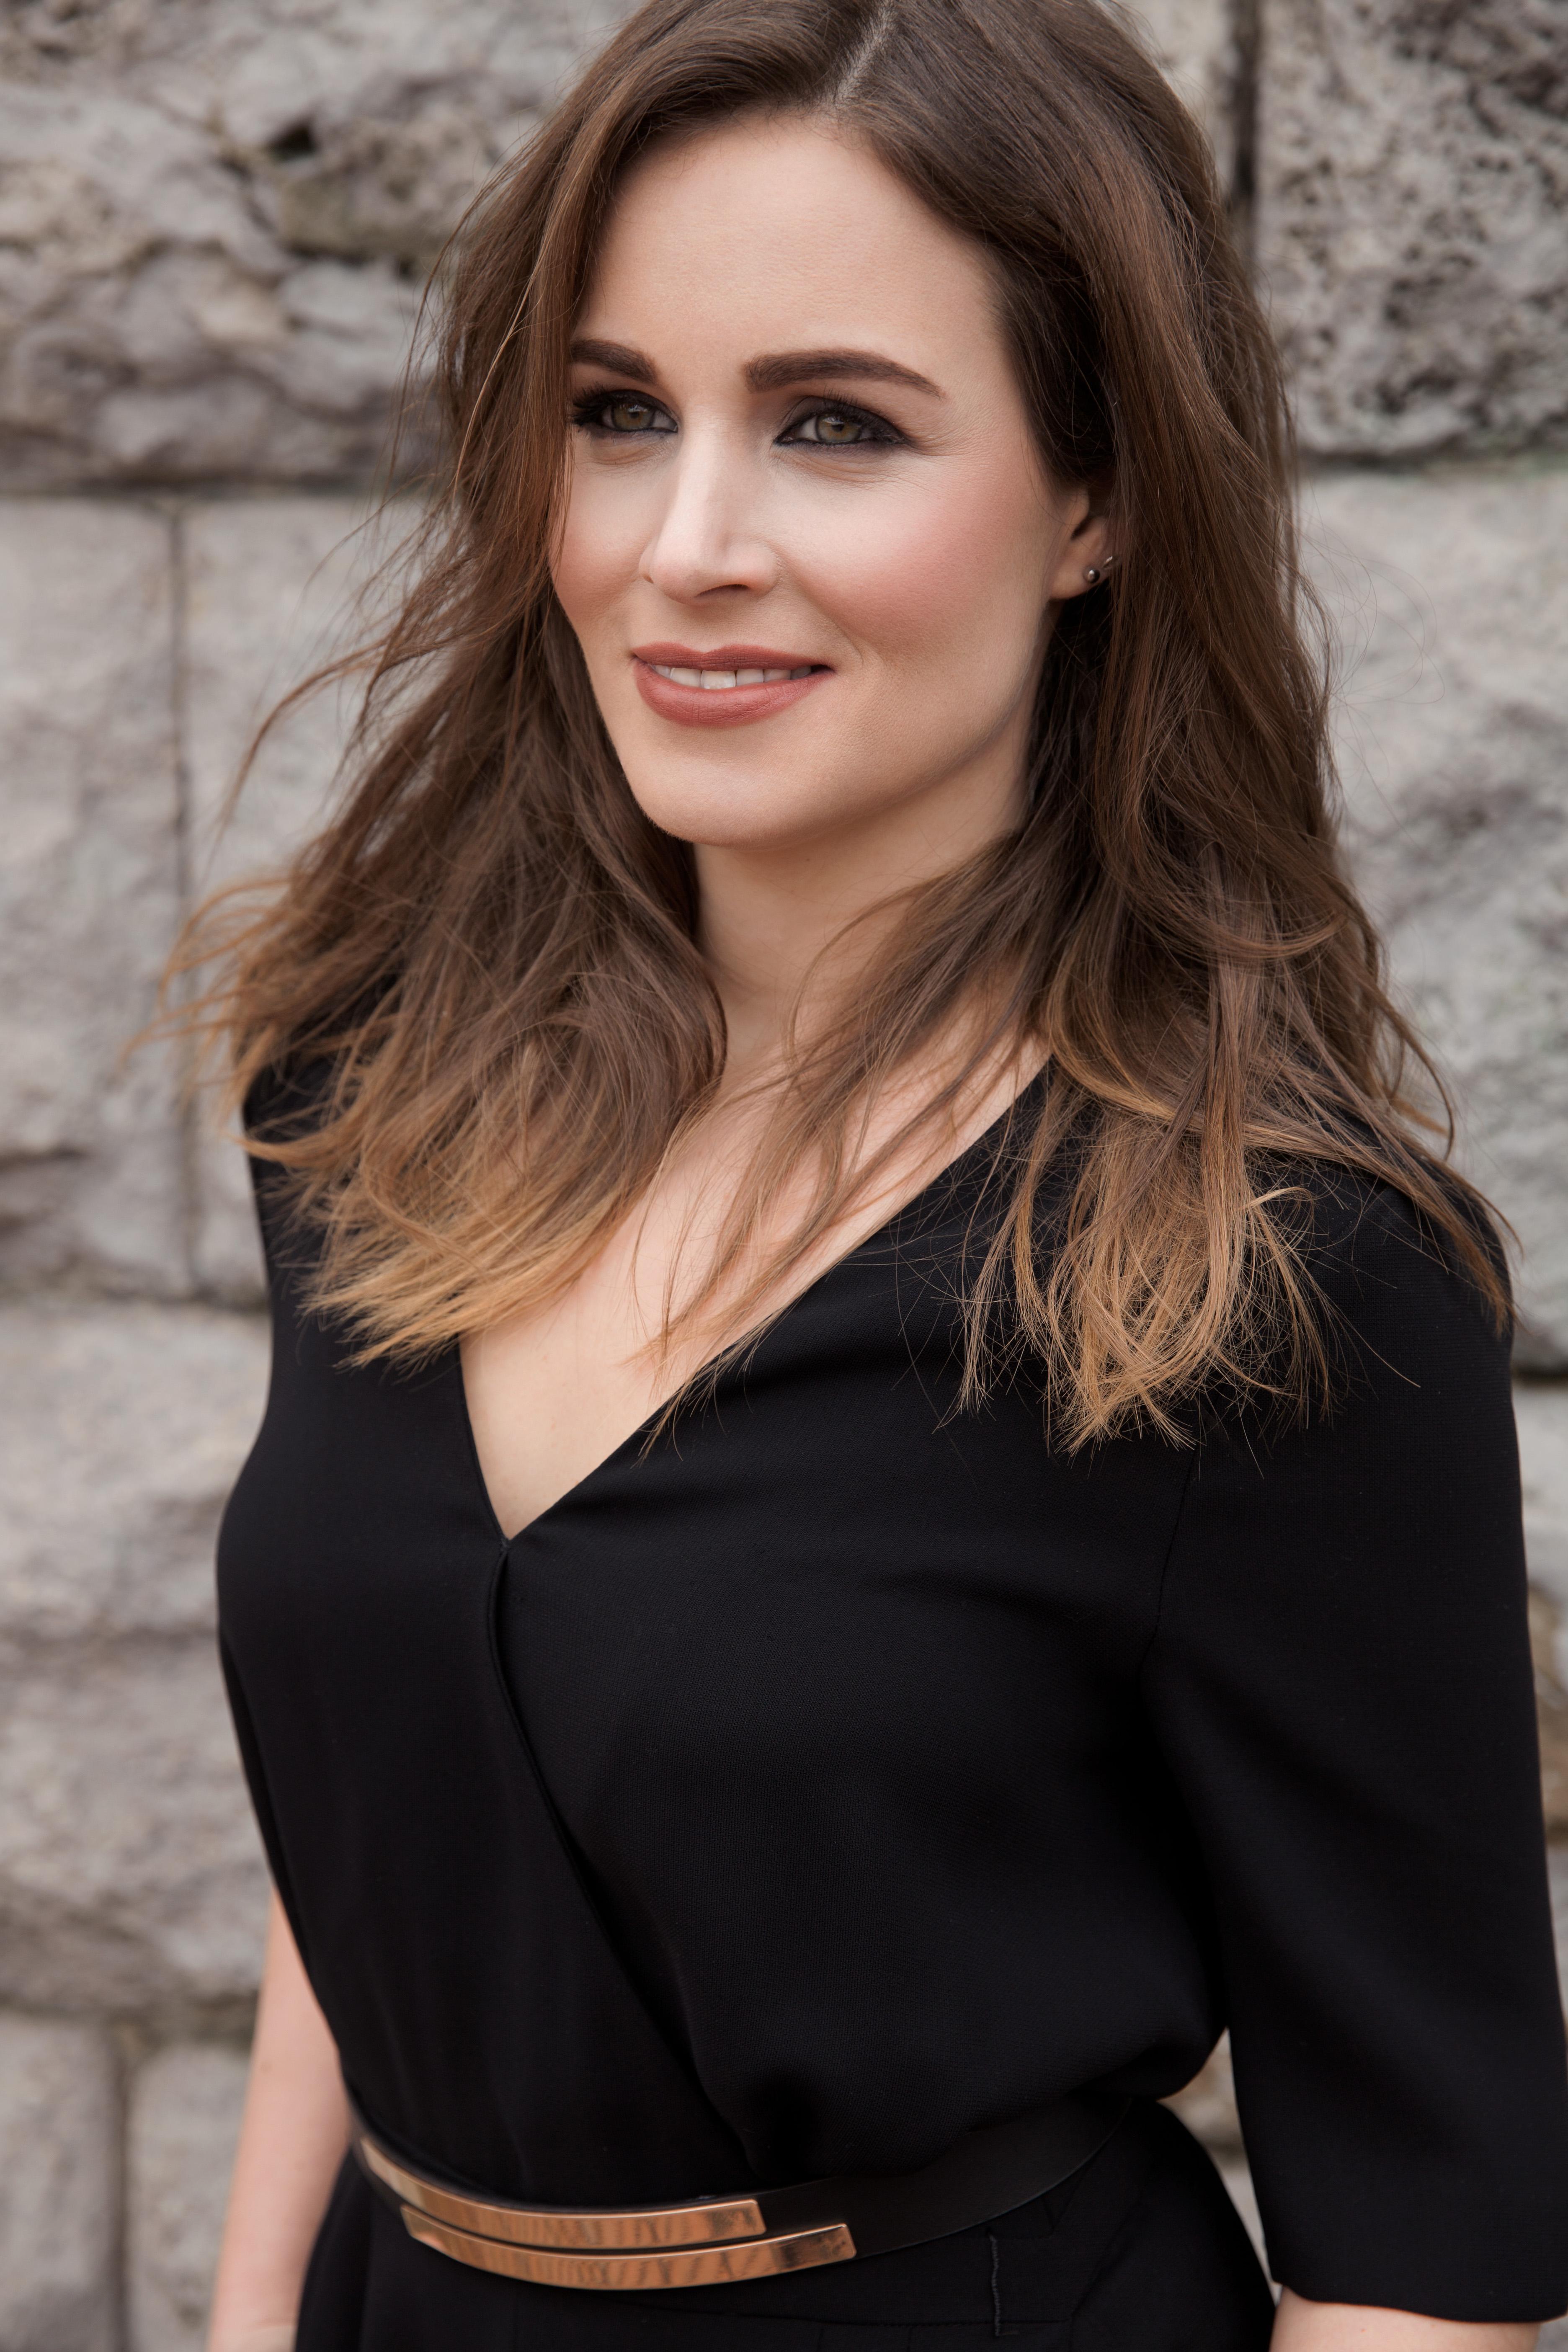 Natalie Hof Ramos